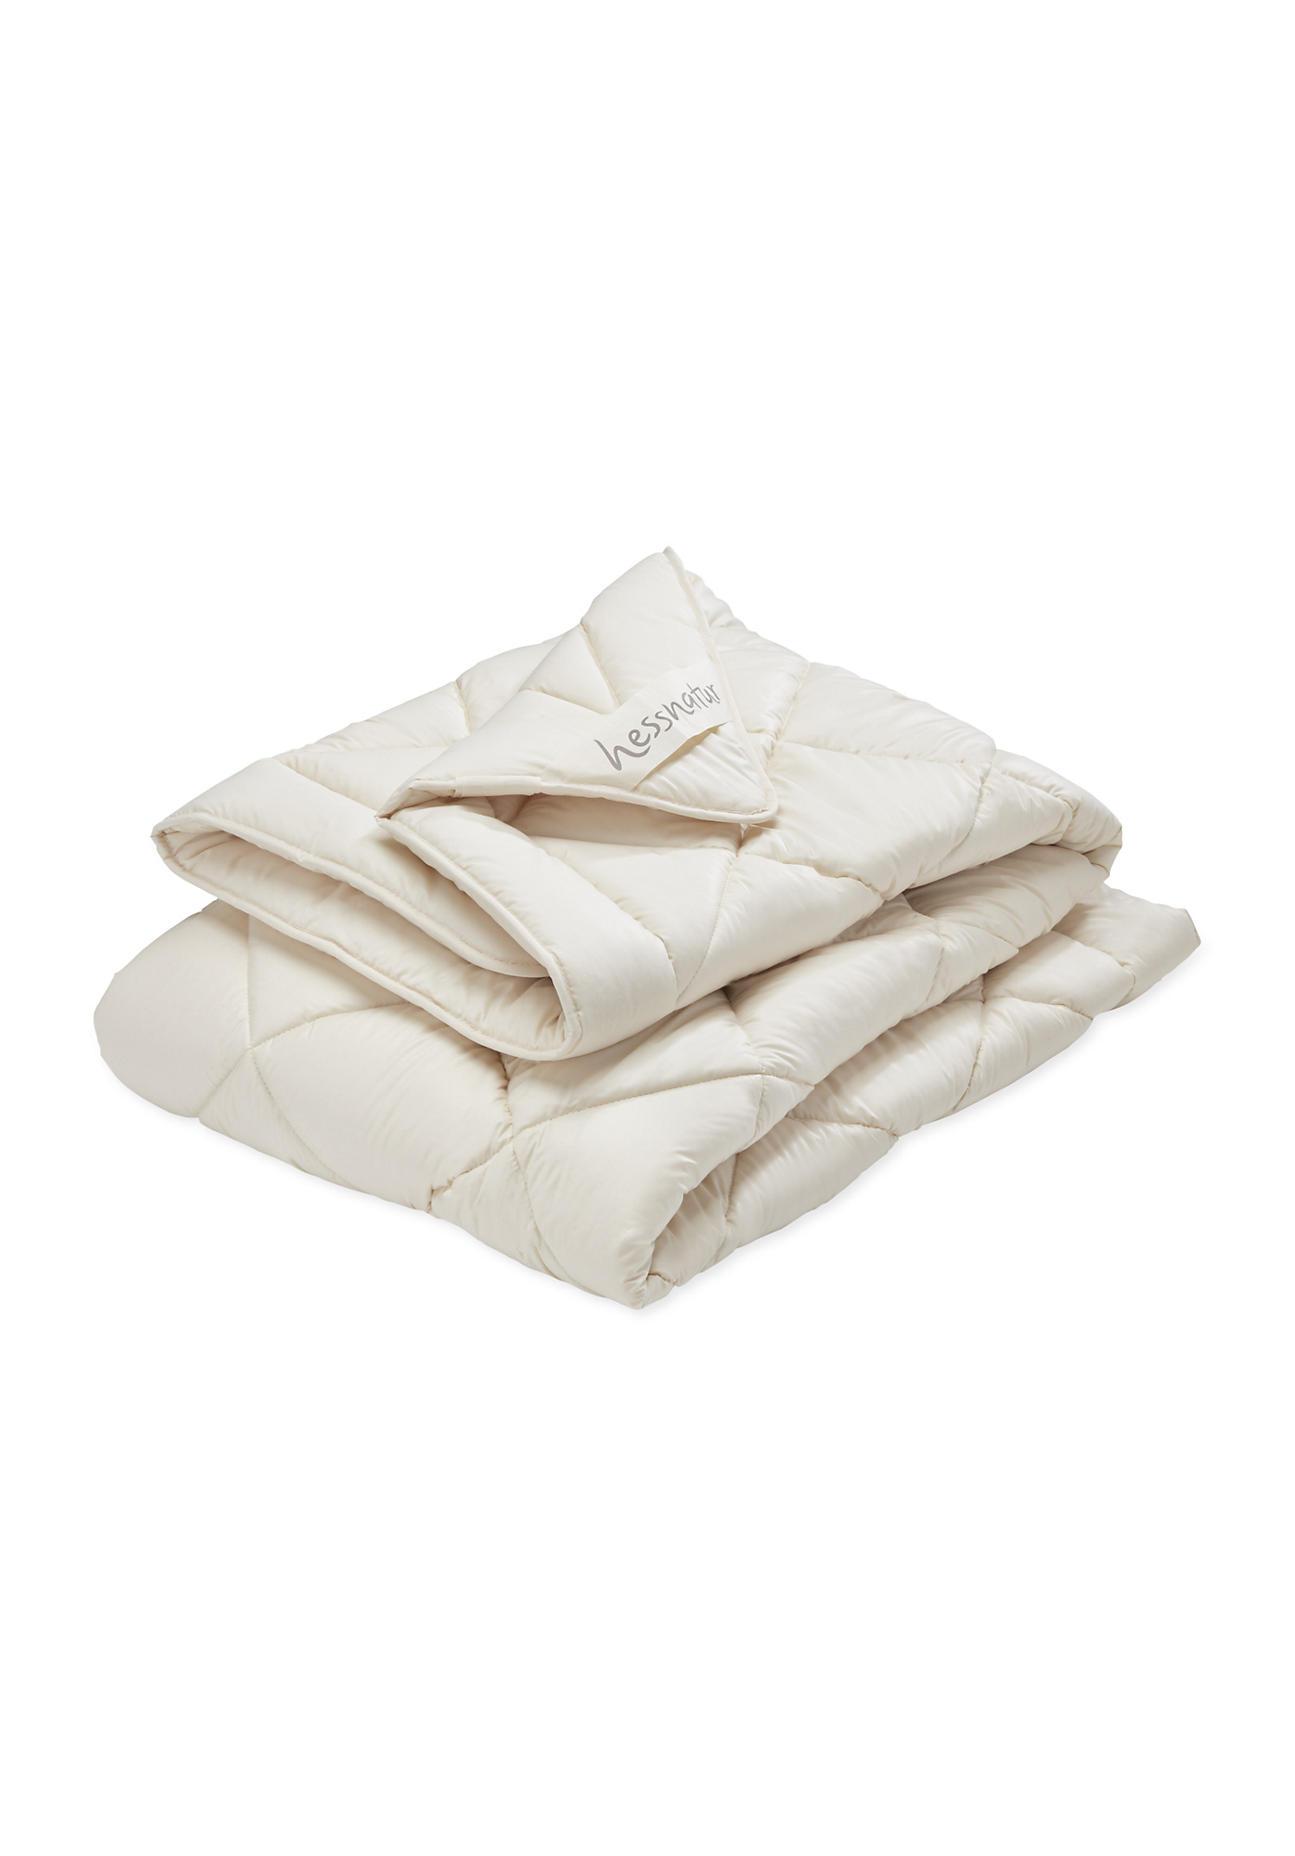 hessnatur Ganzjahres-Bettdecke mit reiner Bio-Schurwolle – farblos – Größe 135x200 cm 2150g